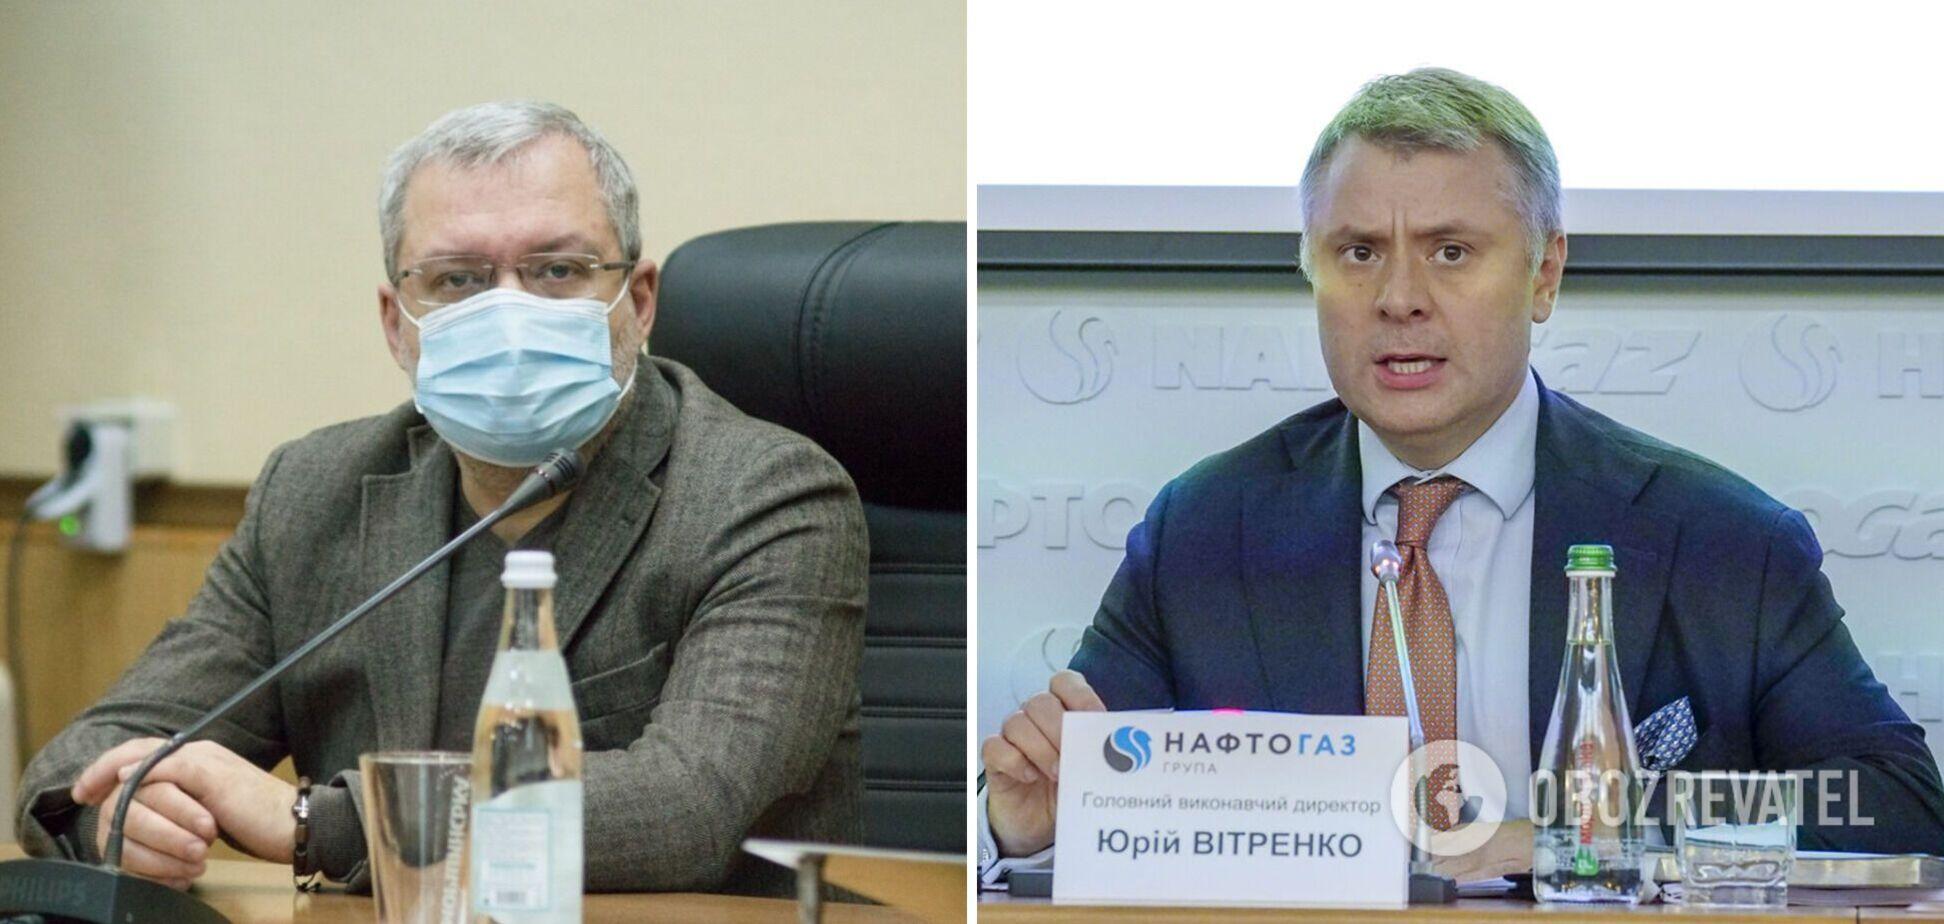 Герман Галущенко и Юрий Витренко